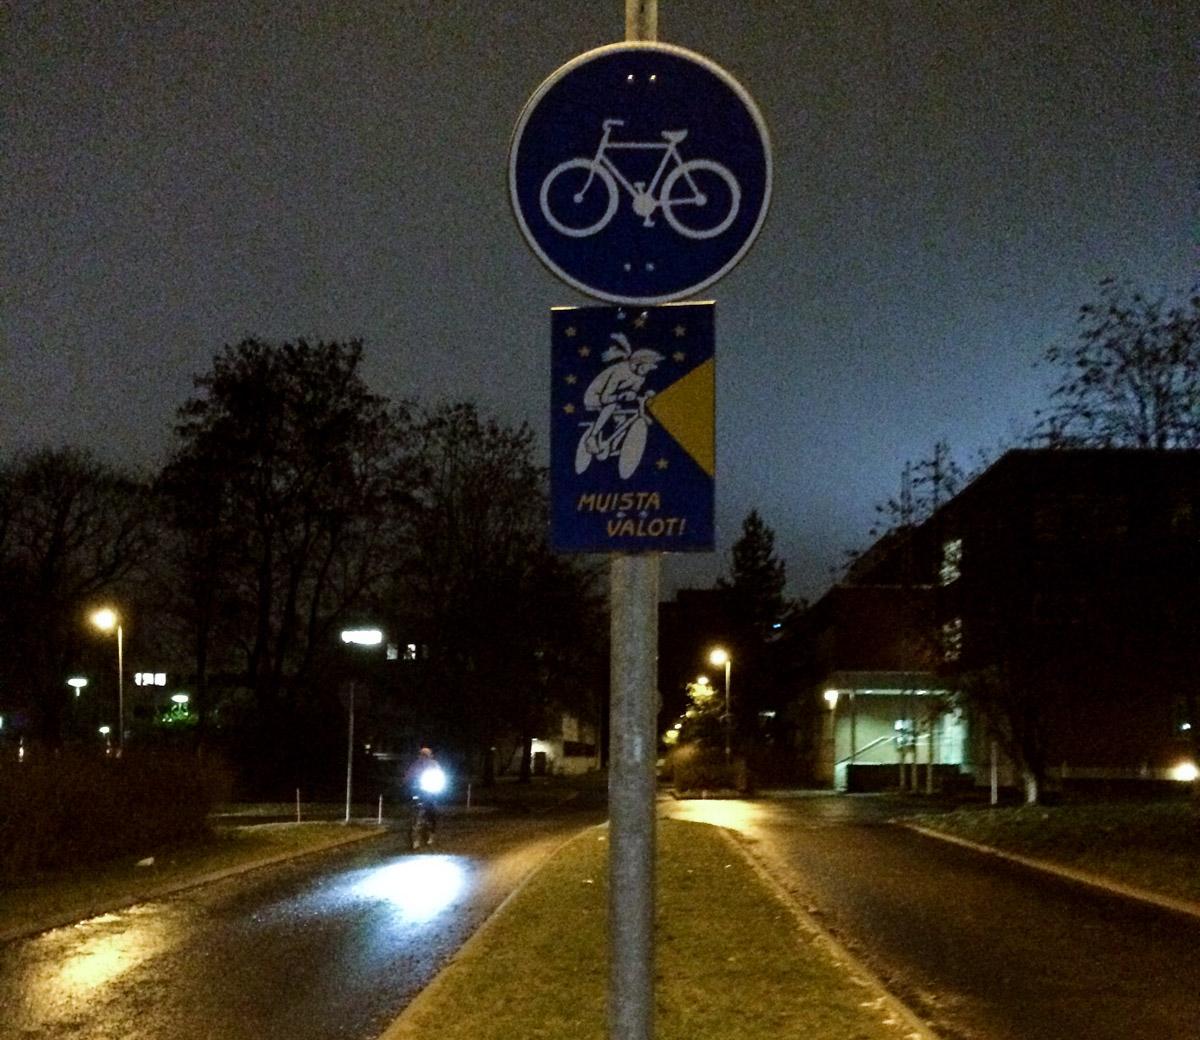 Polkupyörän valot - miten niitä käytetään oikein?